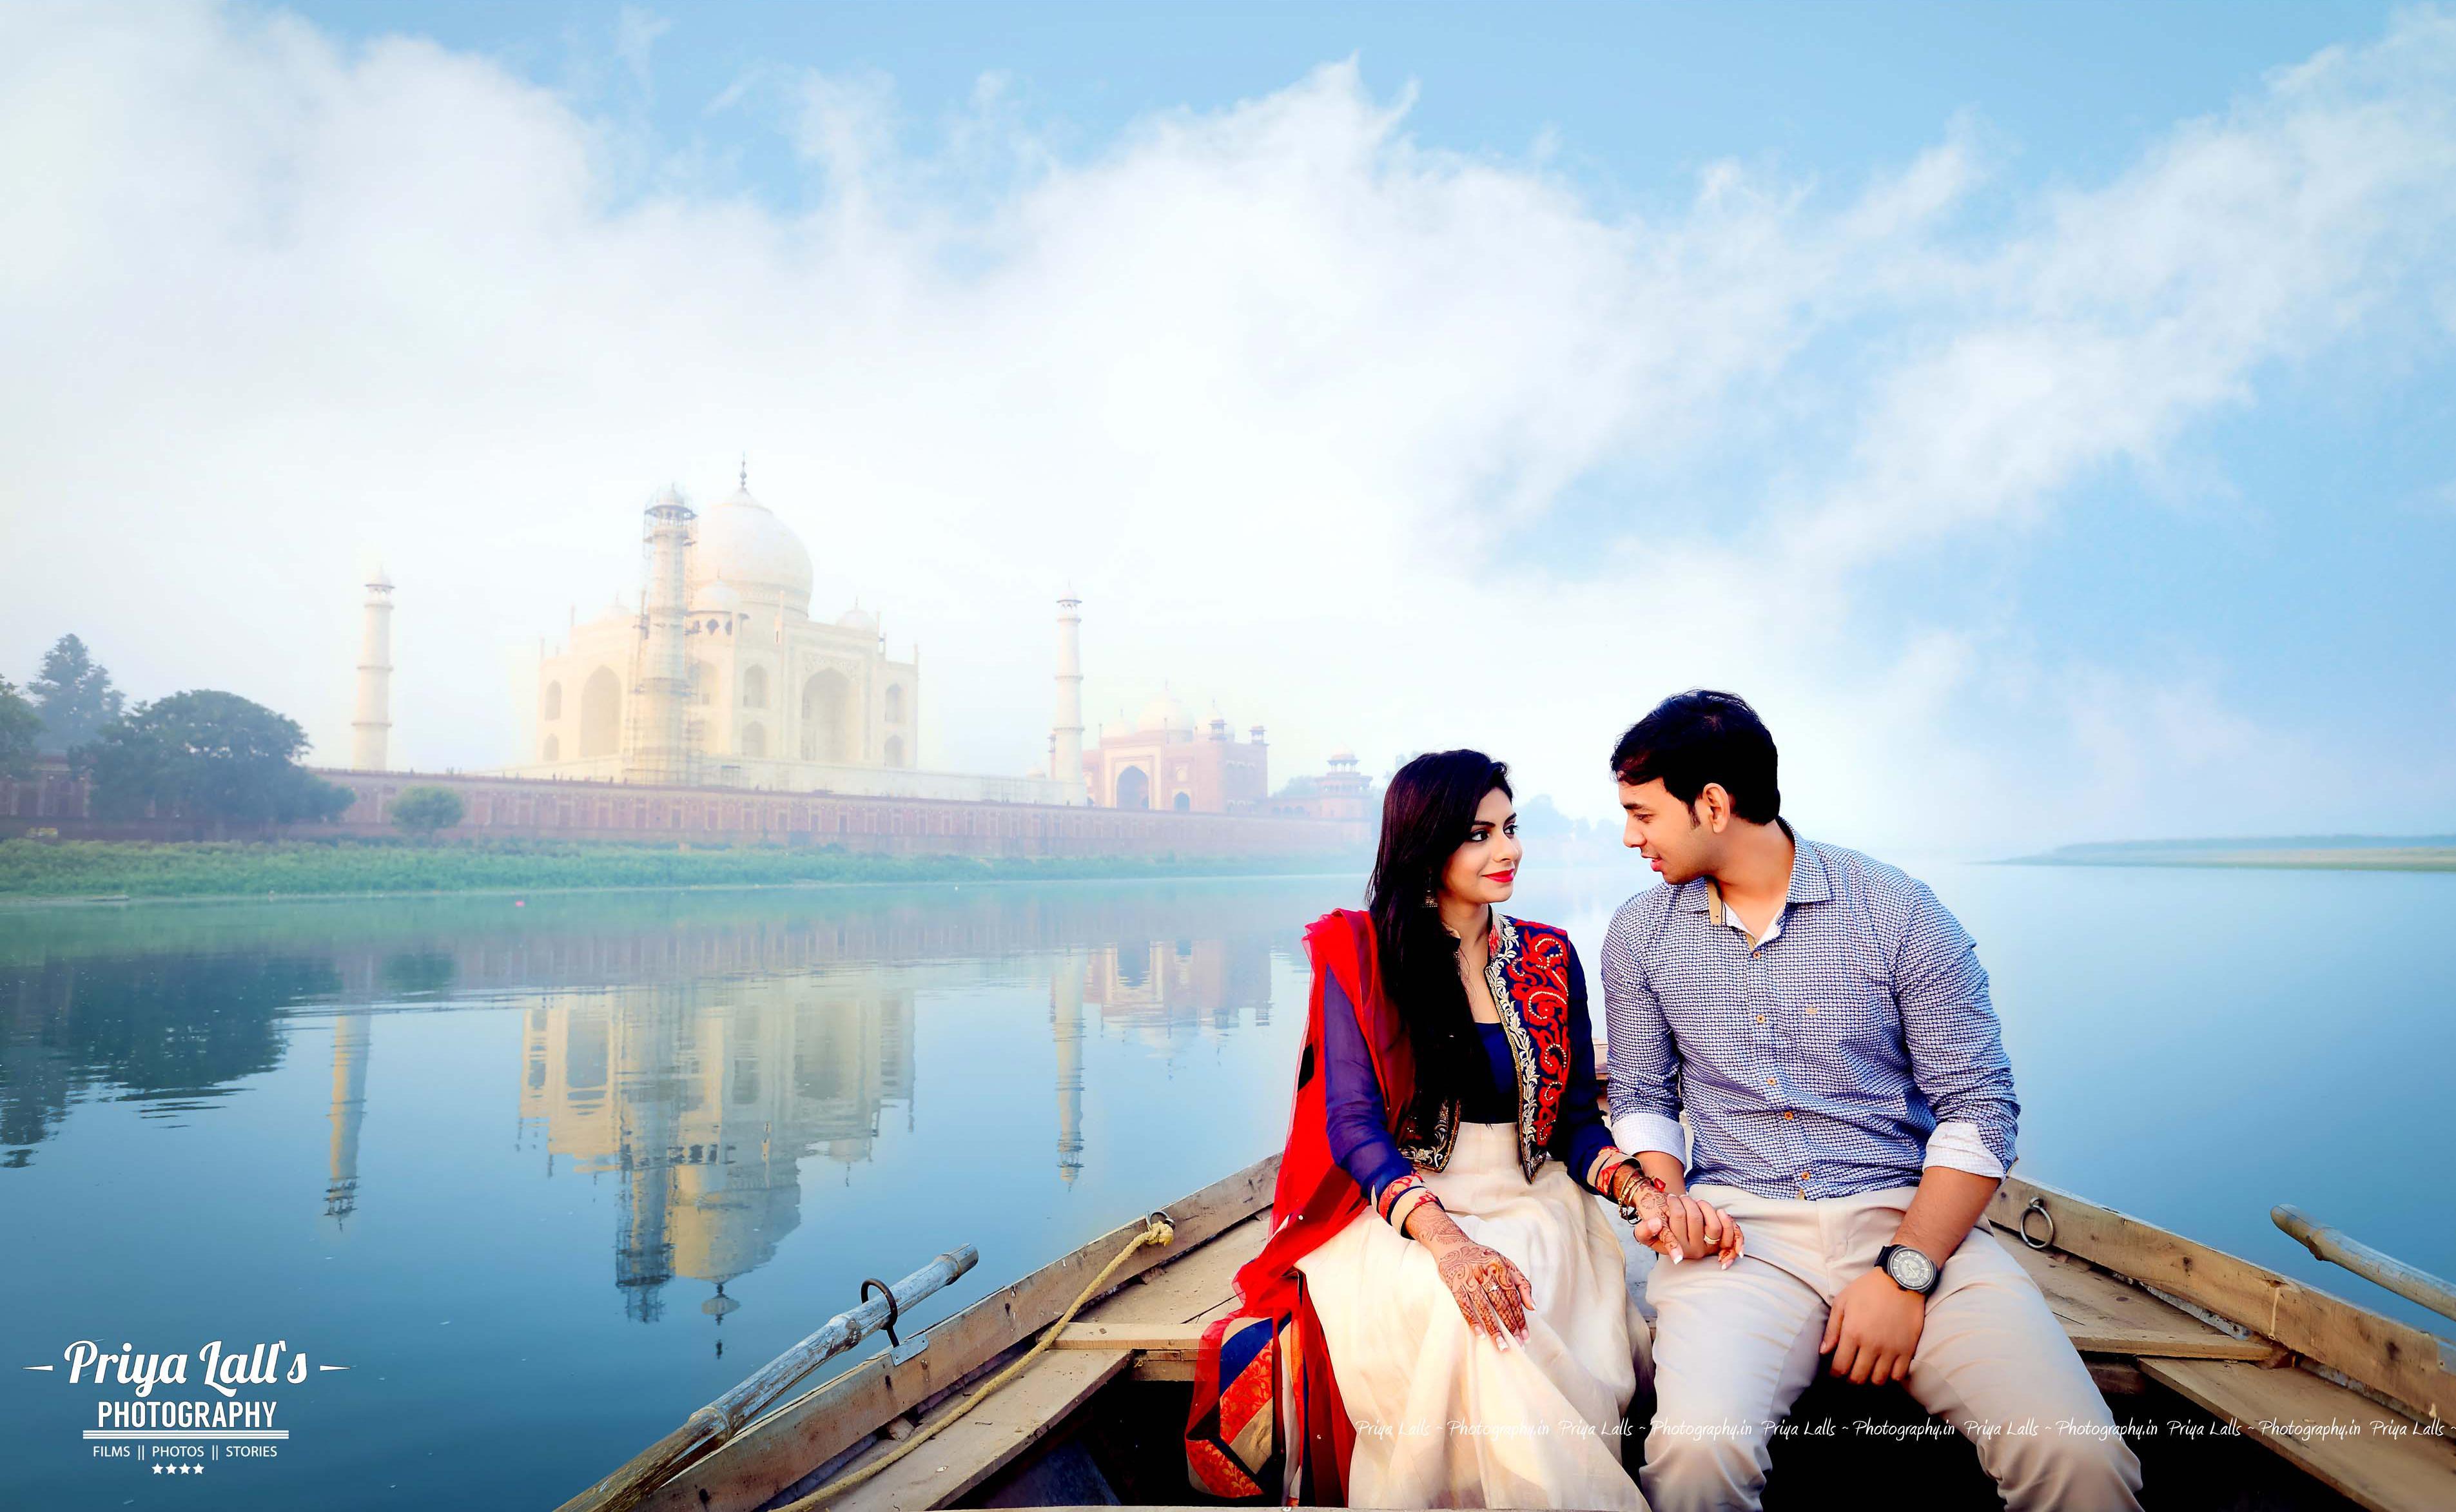 Priya Lall's Photography